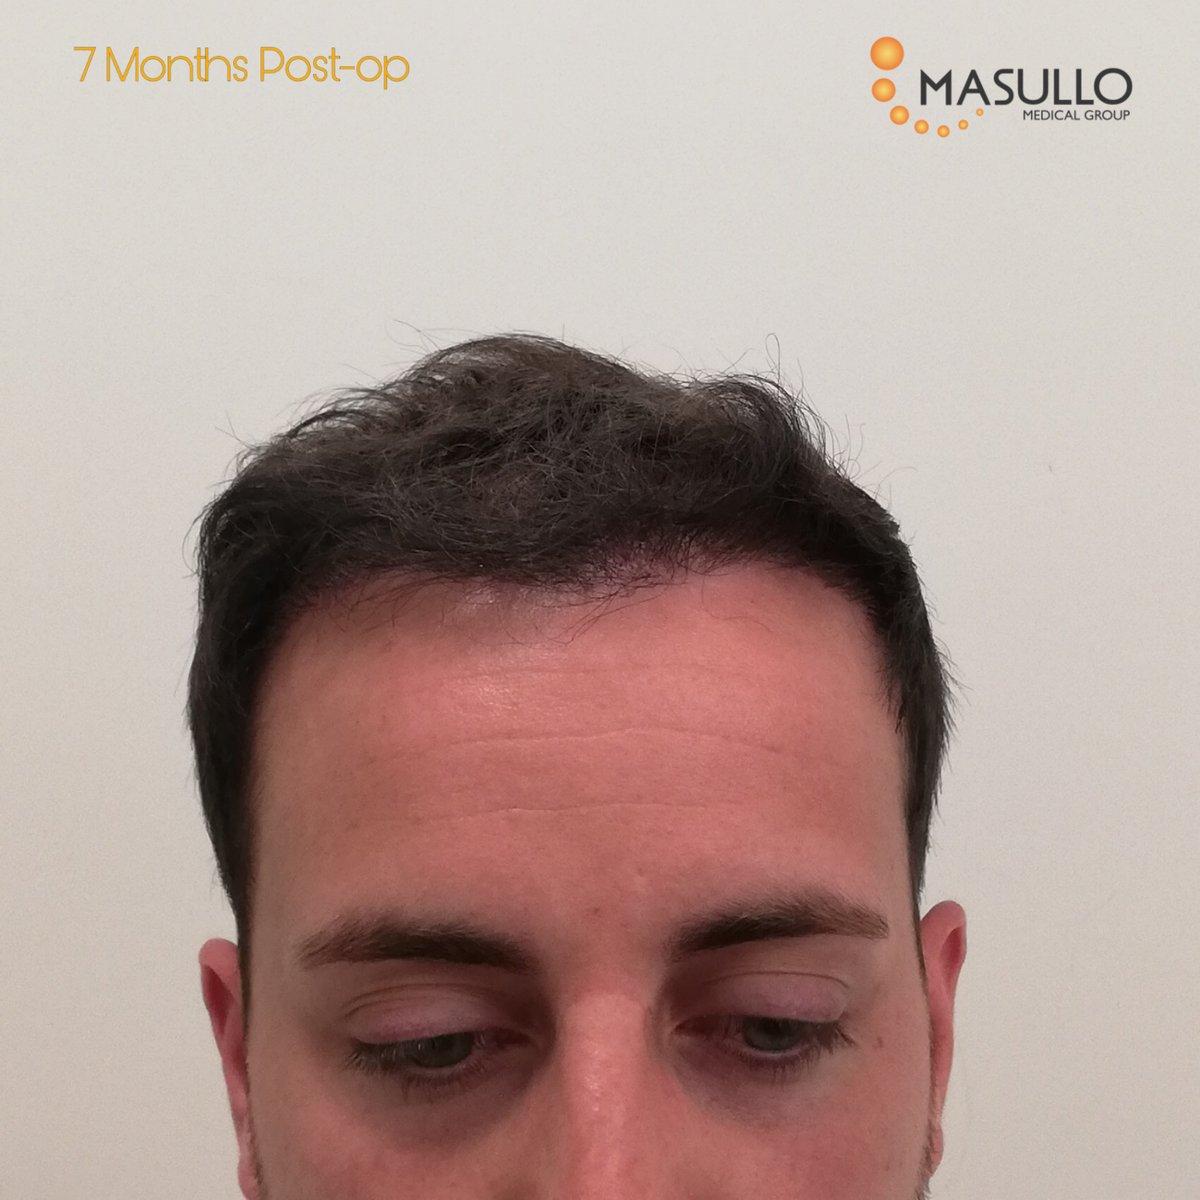 𝐀𝐮𝐭𝐨𝐭𝐫𝐚𝐩𝐢𝐚𝐧𝐭𝐨 𝐝𝐞𝐢 𝐂𝐚𝐩𝐞𝐥𝐥𝐢 𝐜𝐨𝐧 𝐓𝐞𝐜𝐧𝐢𝐜𝐚 𝐅𝐔𝐄. Il nostro paziente a visita di controllo dopo 7 mesi dall'intervento!  #masullomedicalgroup #hair #hairloss #drvincenzomasullo #baldness #calvizie #alopecia #salerno #napoli #roma #Bologna https://t.co/tZPTmxhUZB